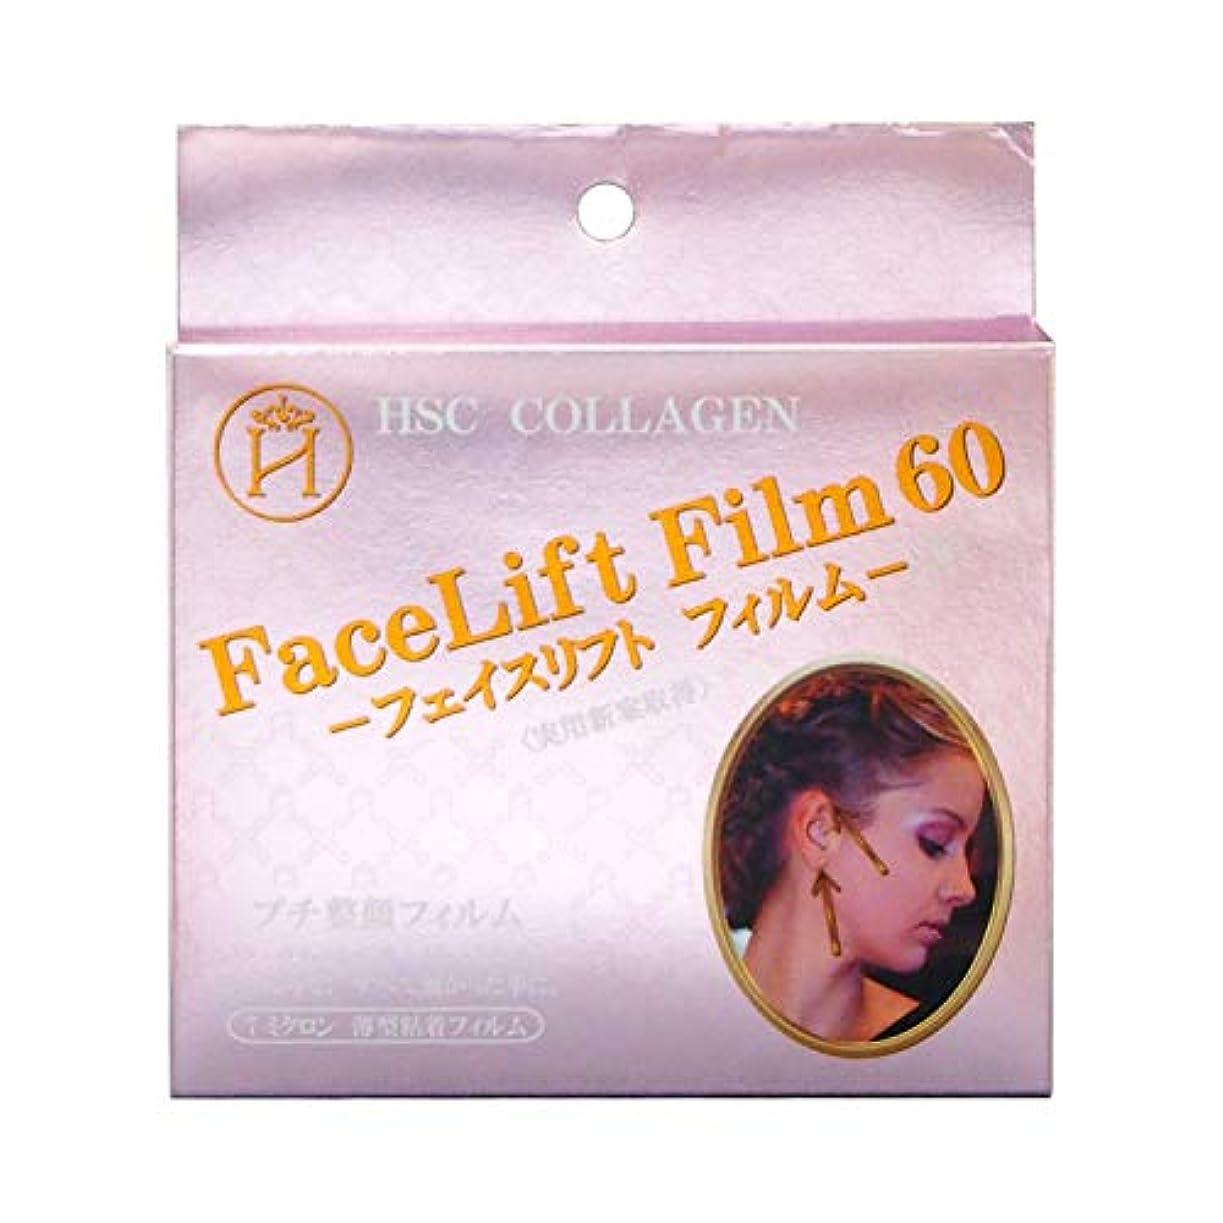 平手打ち変成器イブフェイスリフトフィルム60 たるみ テープ 引き上げ 透明 目立たない フェイスライン